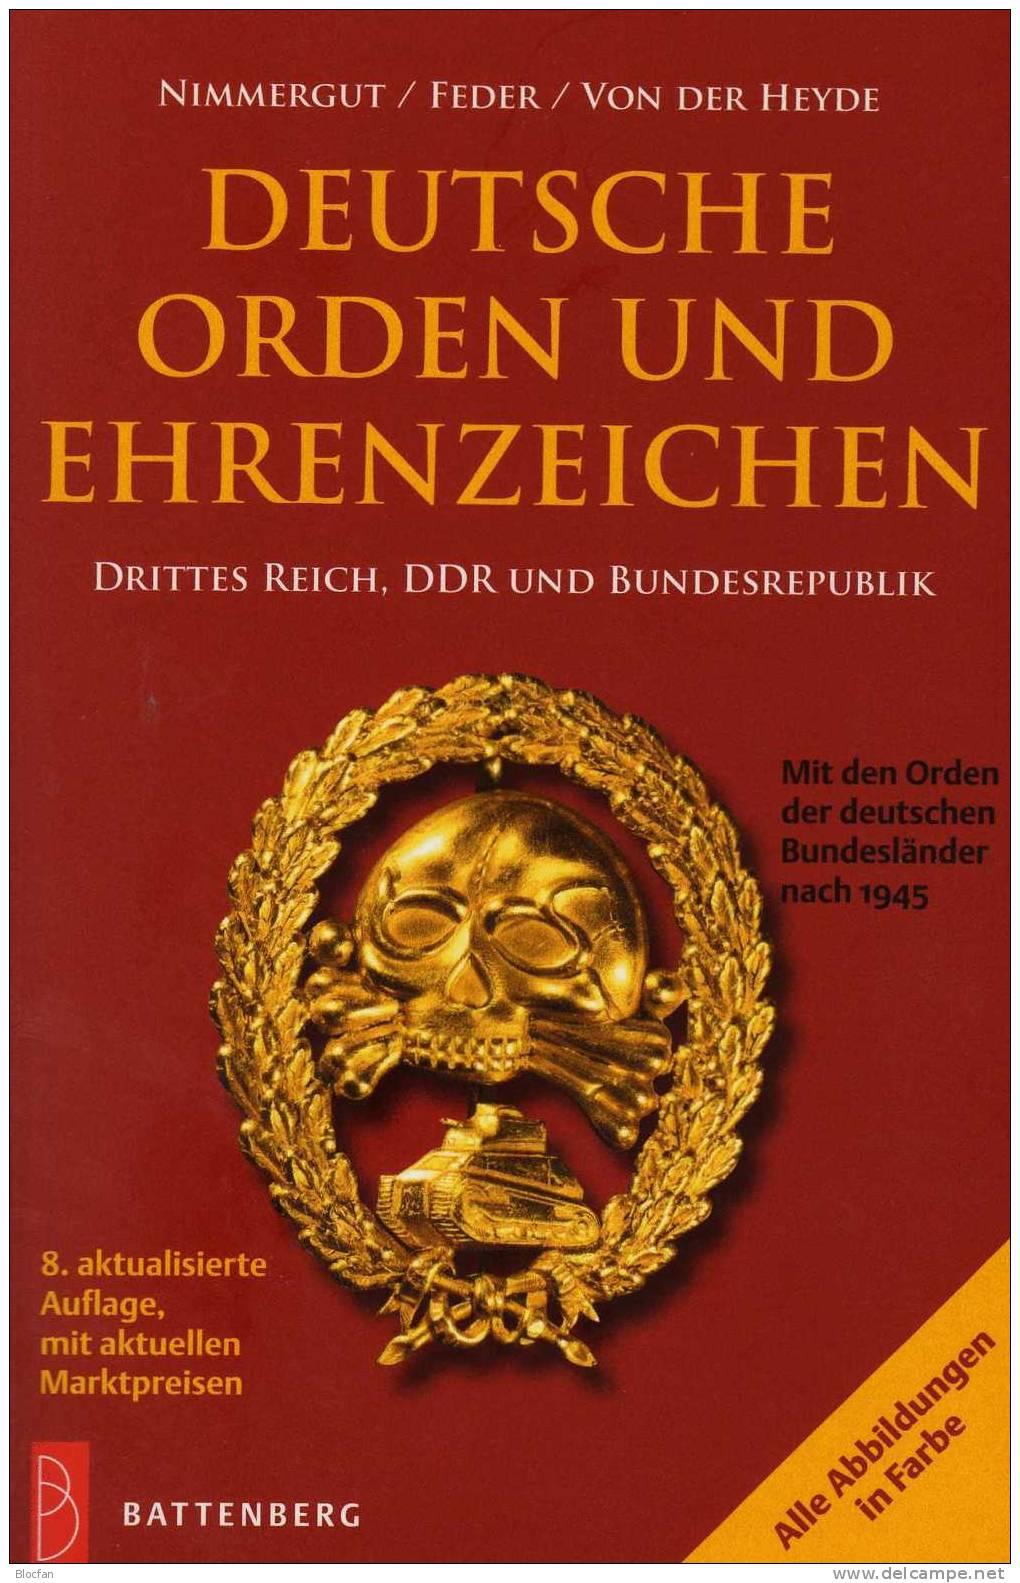 Deutsche Orden Katalog 2011 Neu 20€ Ehrenzeichen Vom 3.Reich DDR BRD Berlin Baden Bayern Saar Sachsen Catalog Of Germany - Lexiques